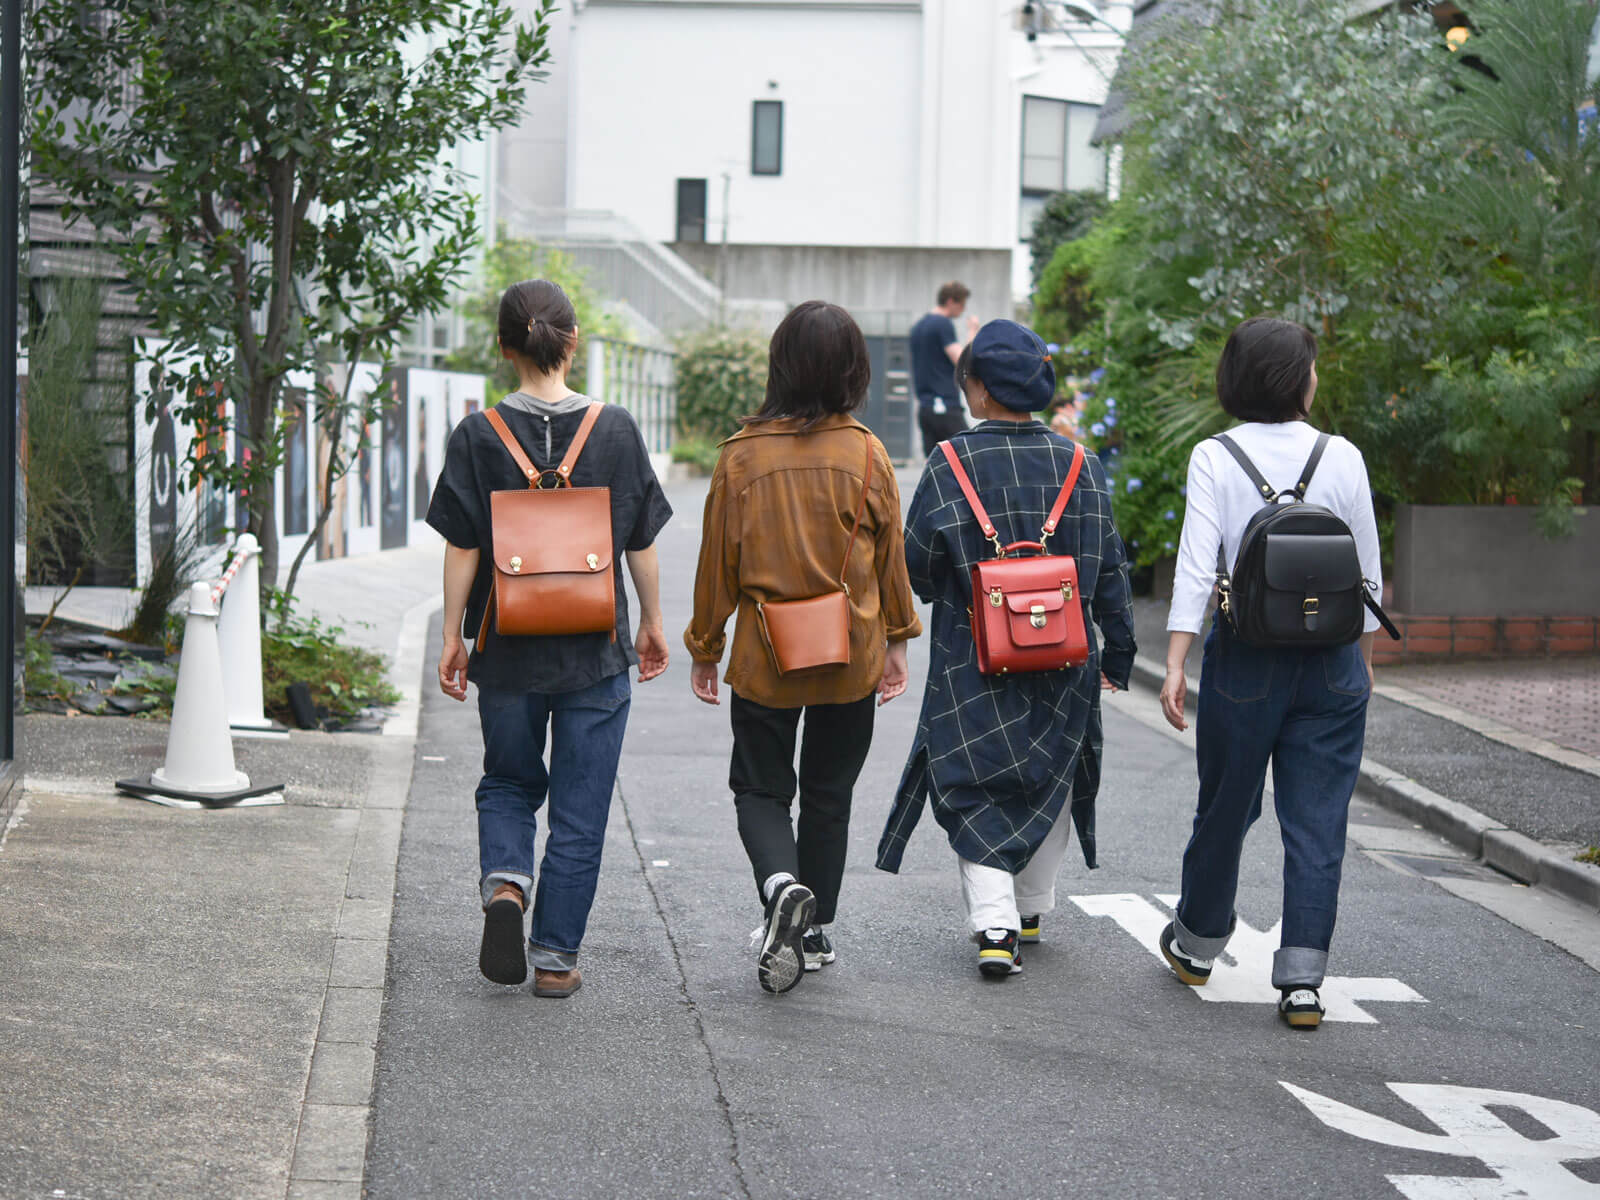 2019旅モノ 4人のサイドストーリー「ミニーズ」2